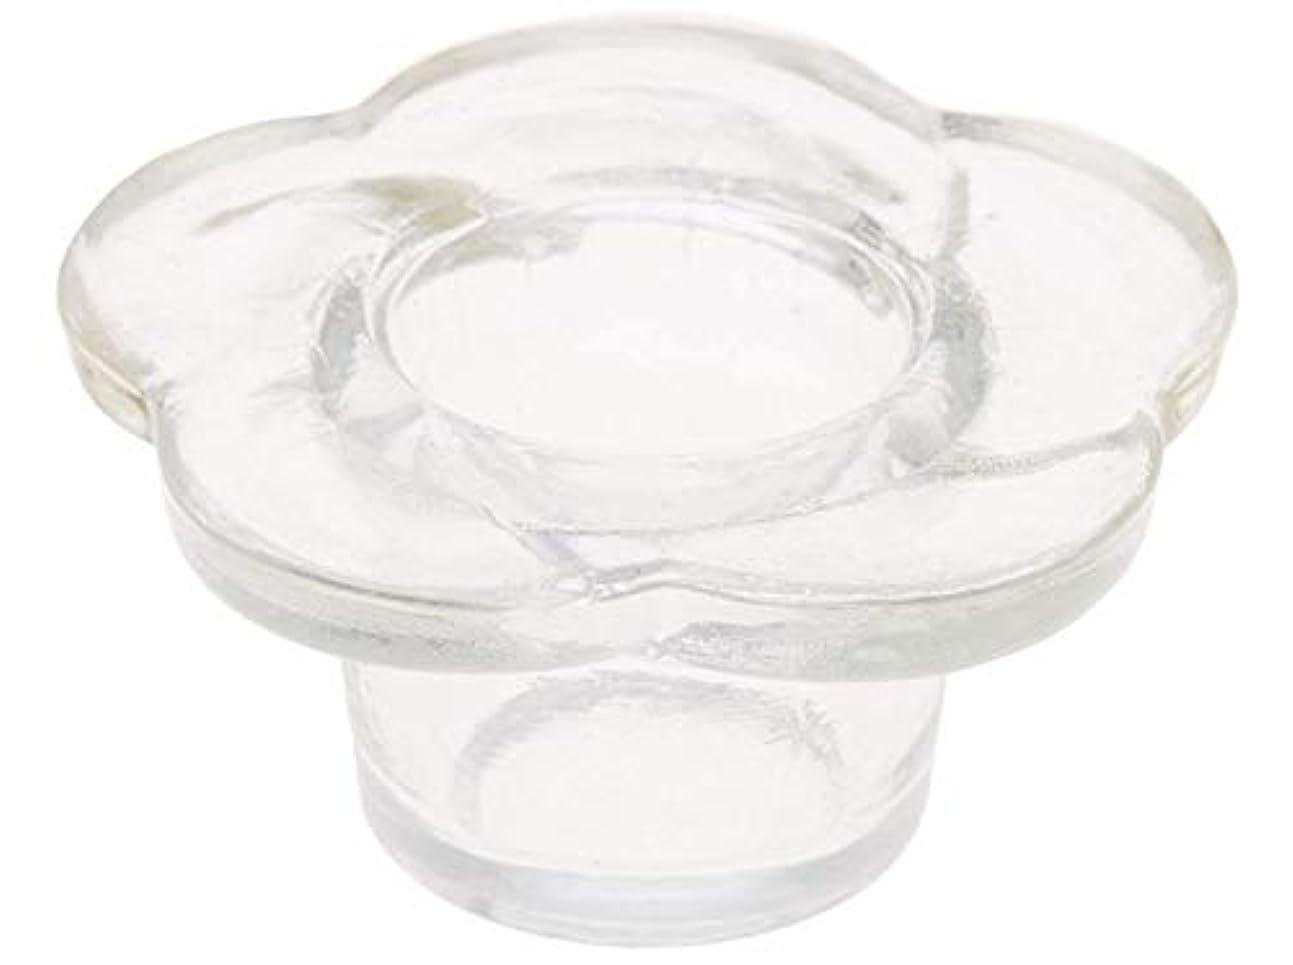 イデオロギー阻害する水没ダッペンディッシュ ADP380 花びら型 ネイル アクリル スカルプチュア アクリルリキッド リムーバー入れ 3Dアート ジェル ブラシ 筆 クリーナー 洗浄 お手入れ